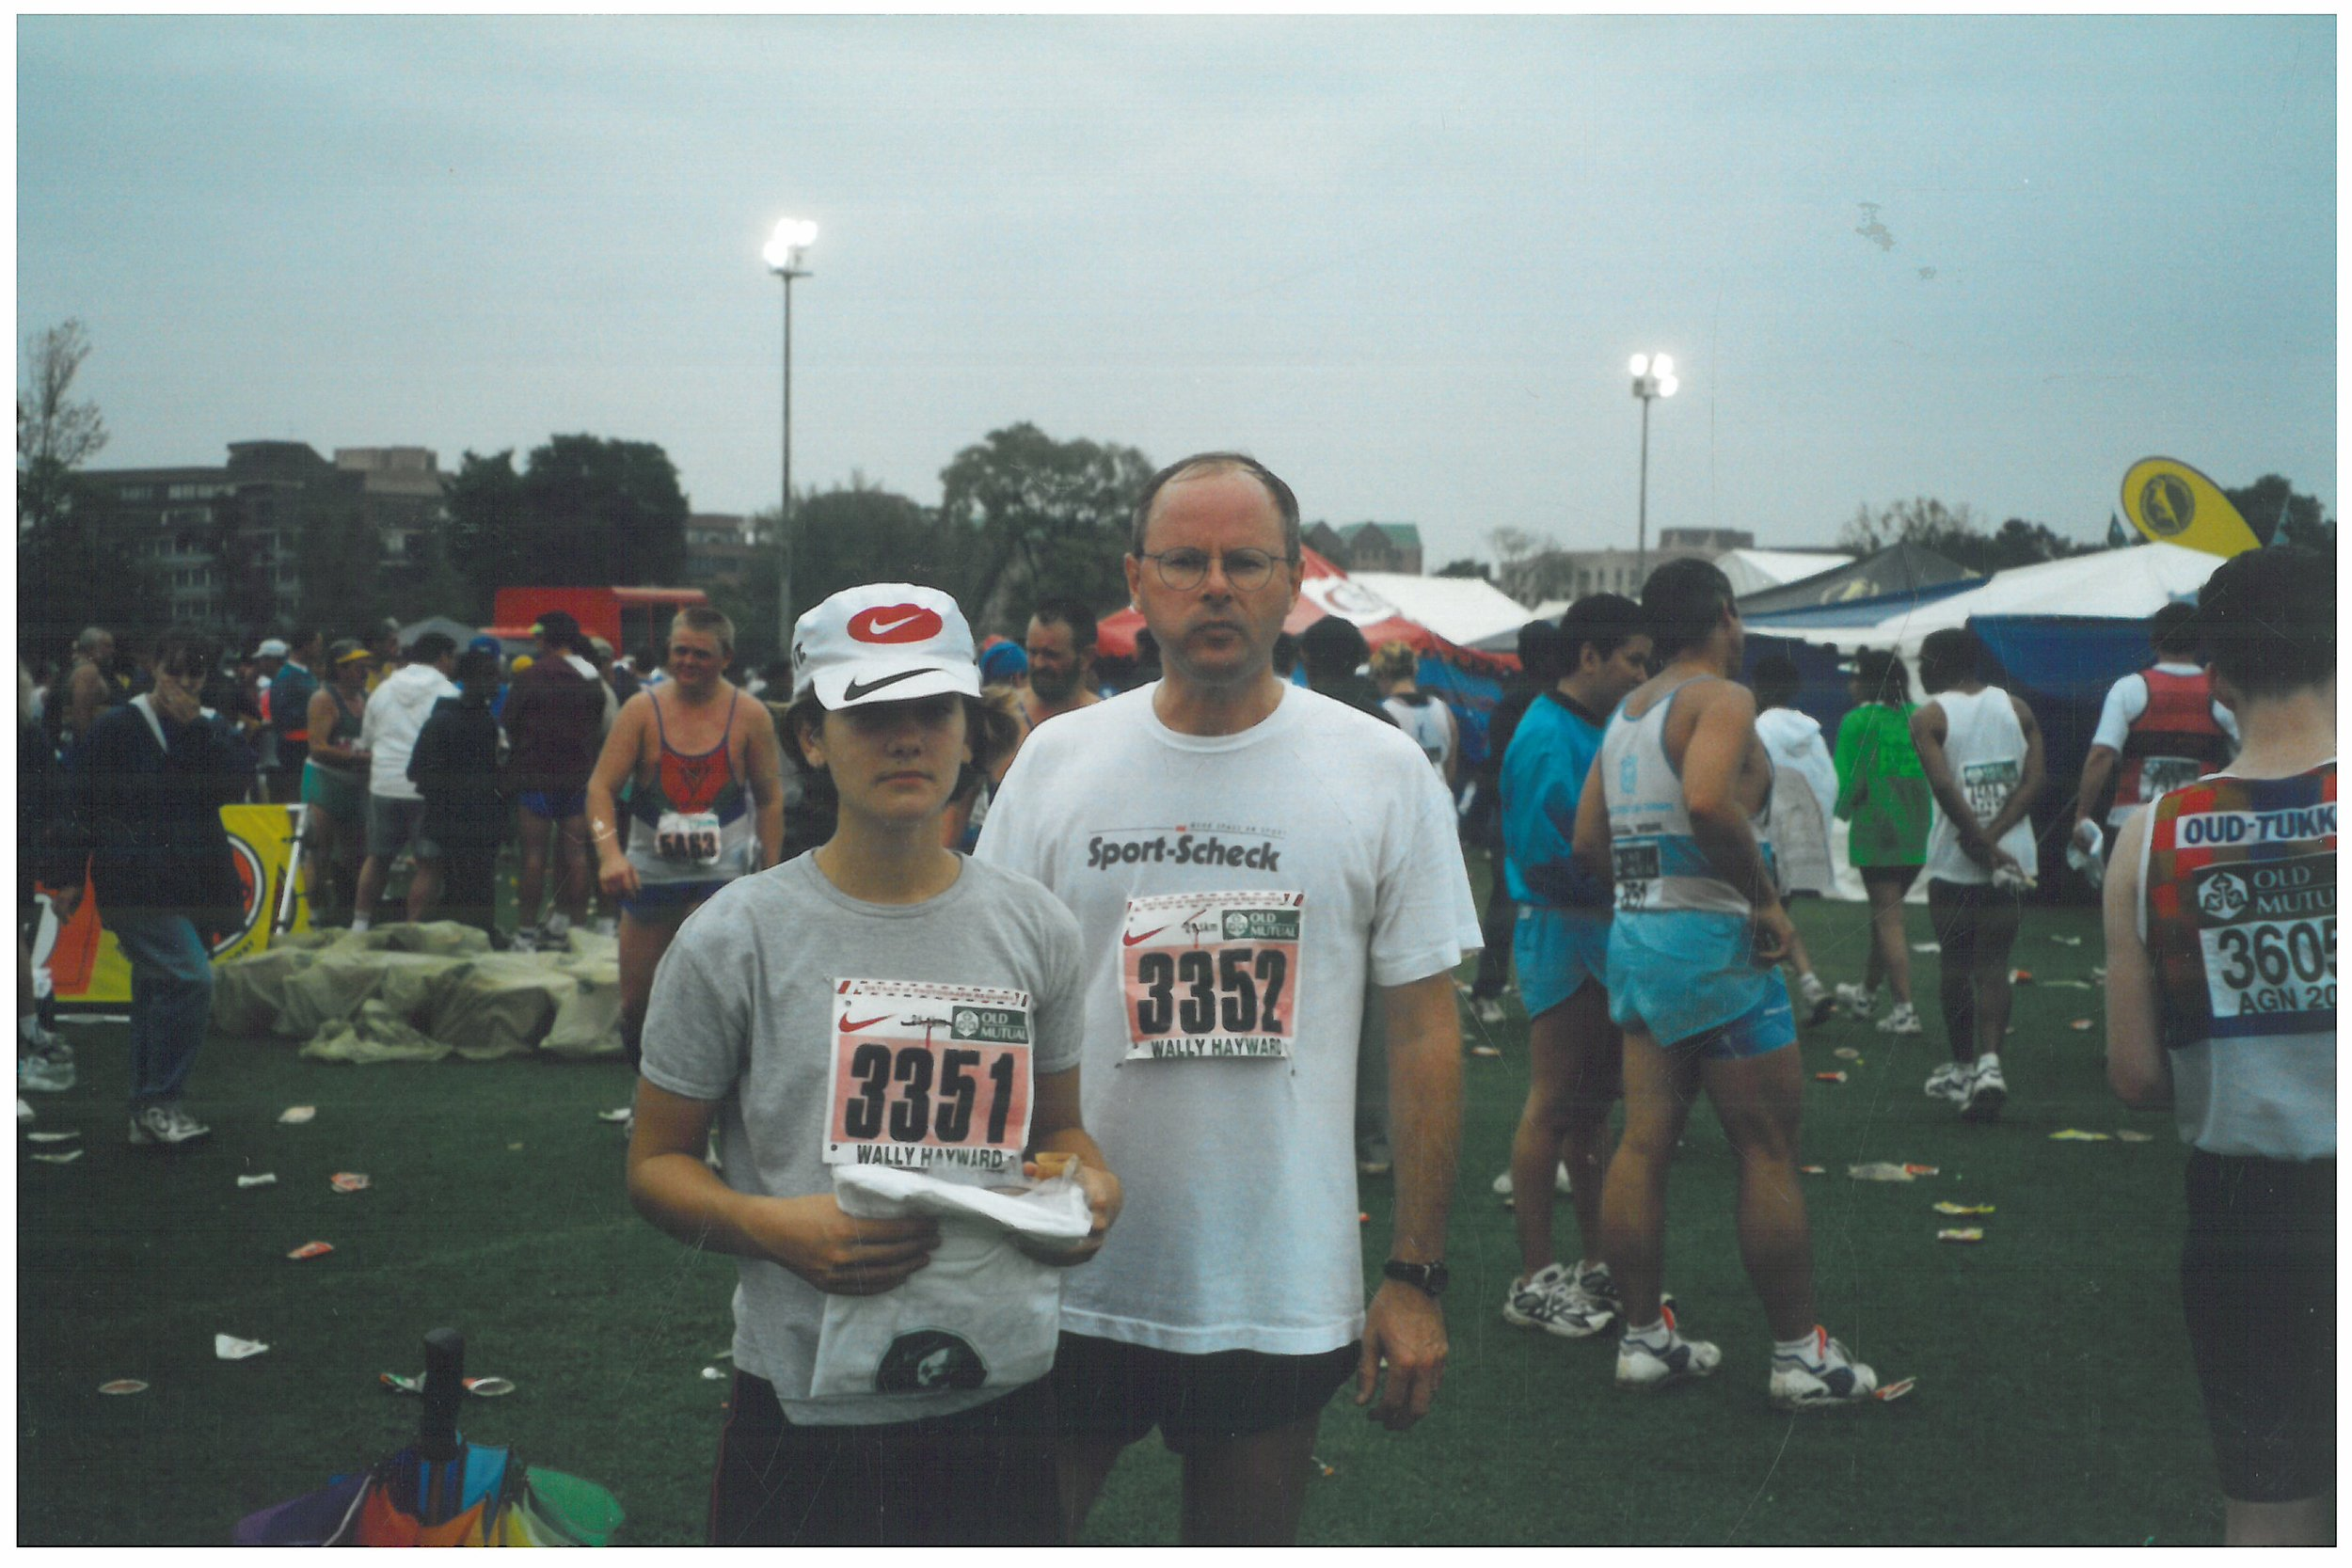 2001 Winnie and Frank finished Wally Hayward half marathon in Pretoria, South Africa